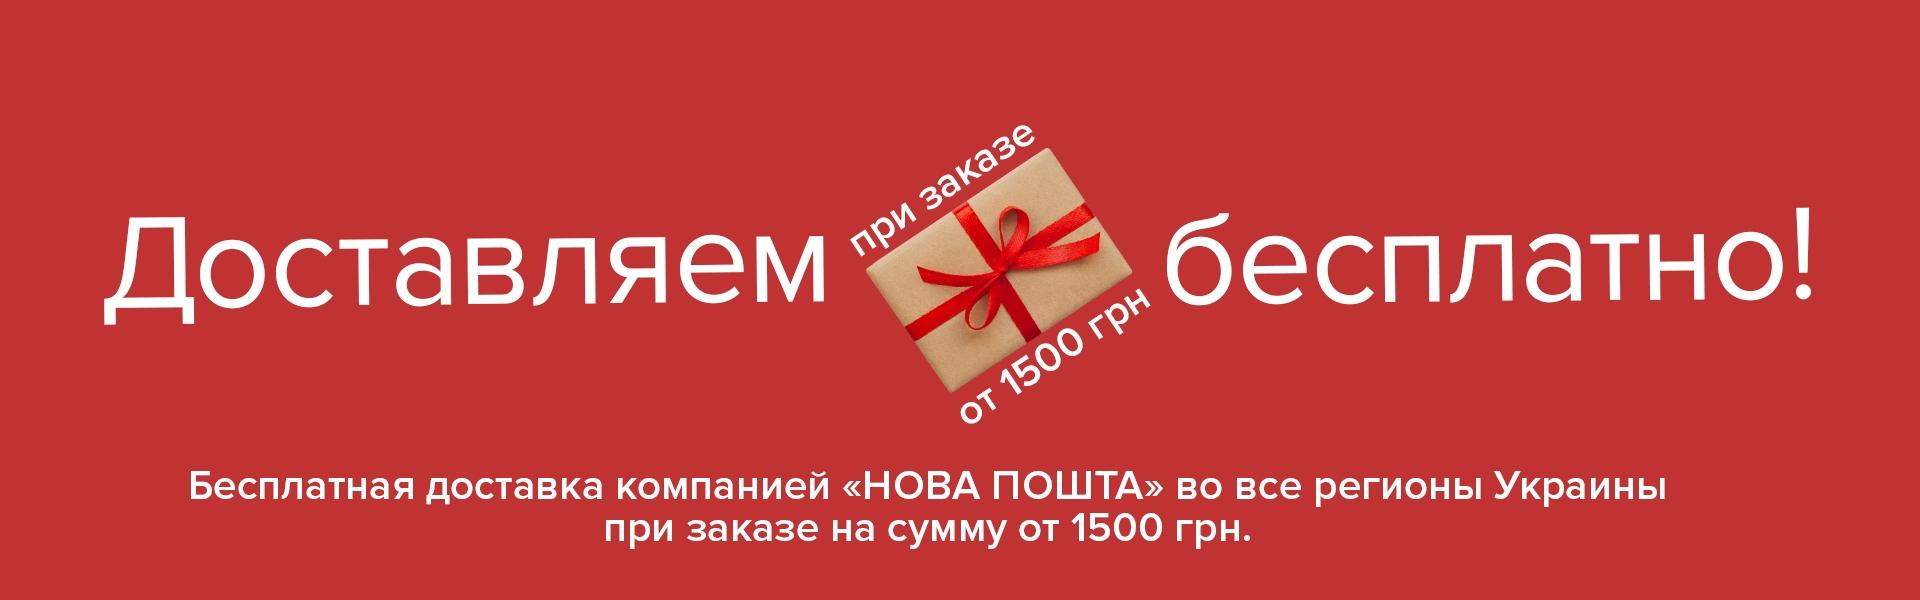 Бесплатная доставка при первом заказе от 1500 грн.